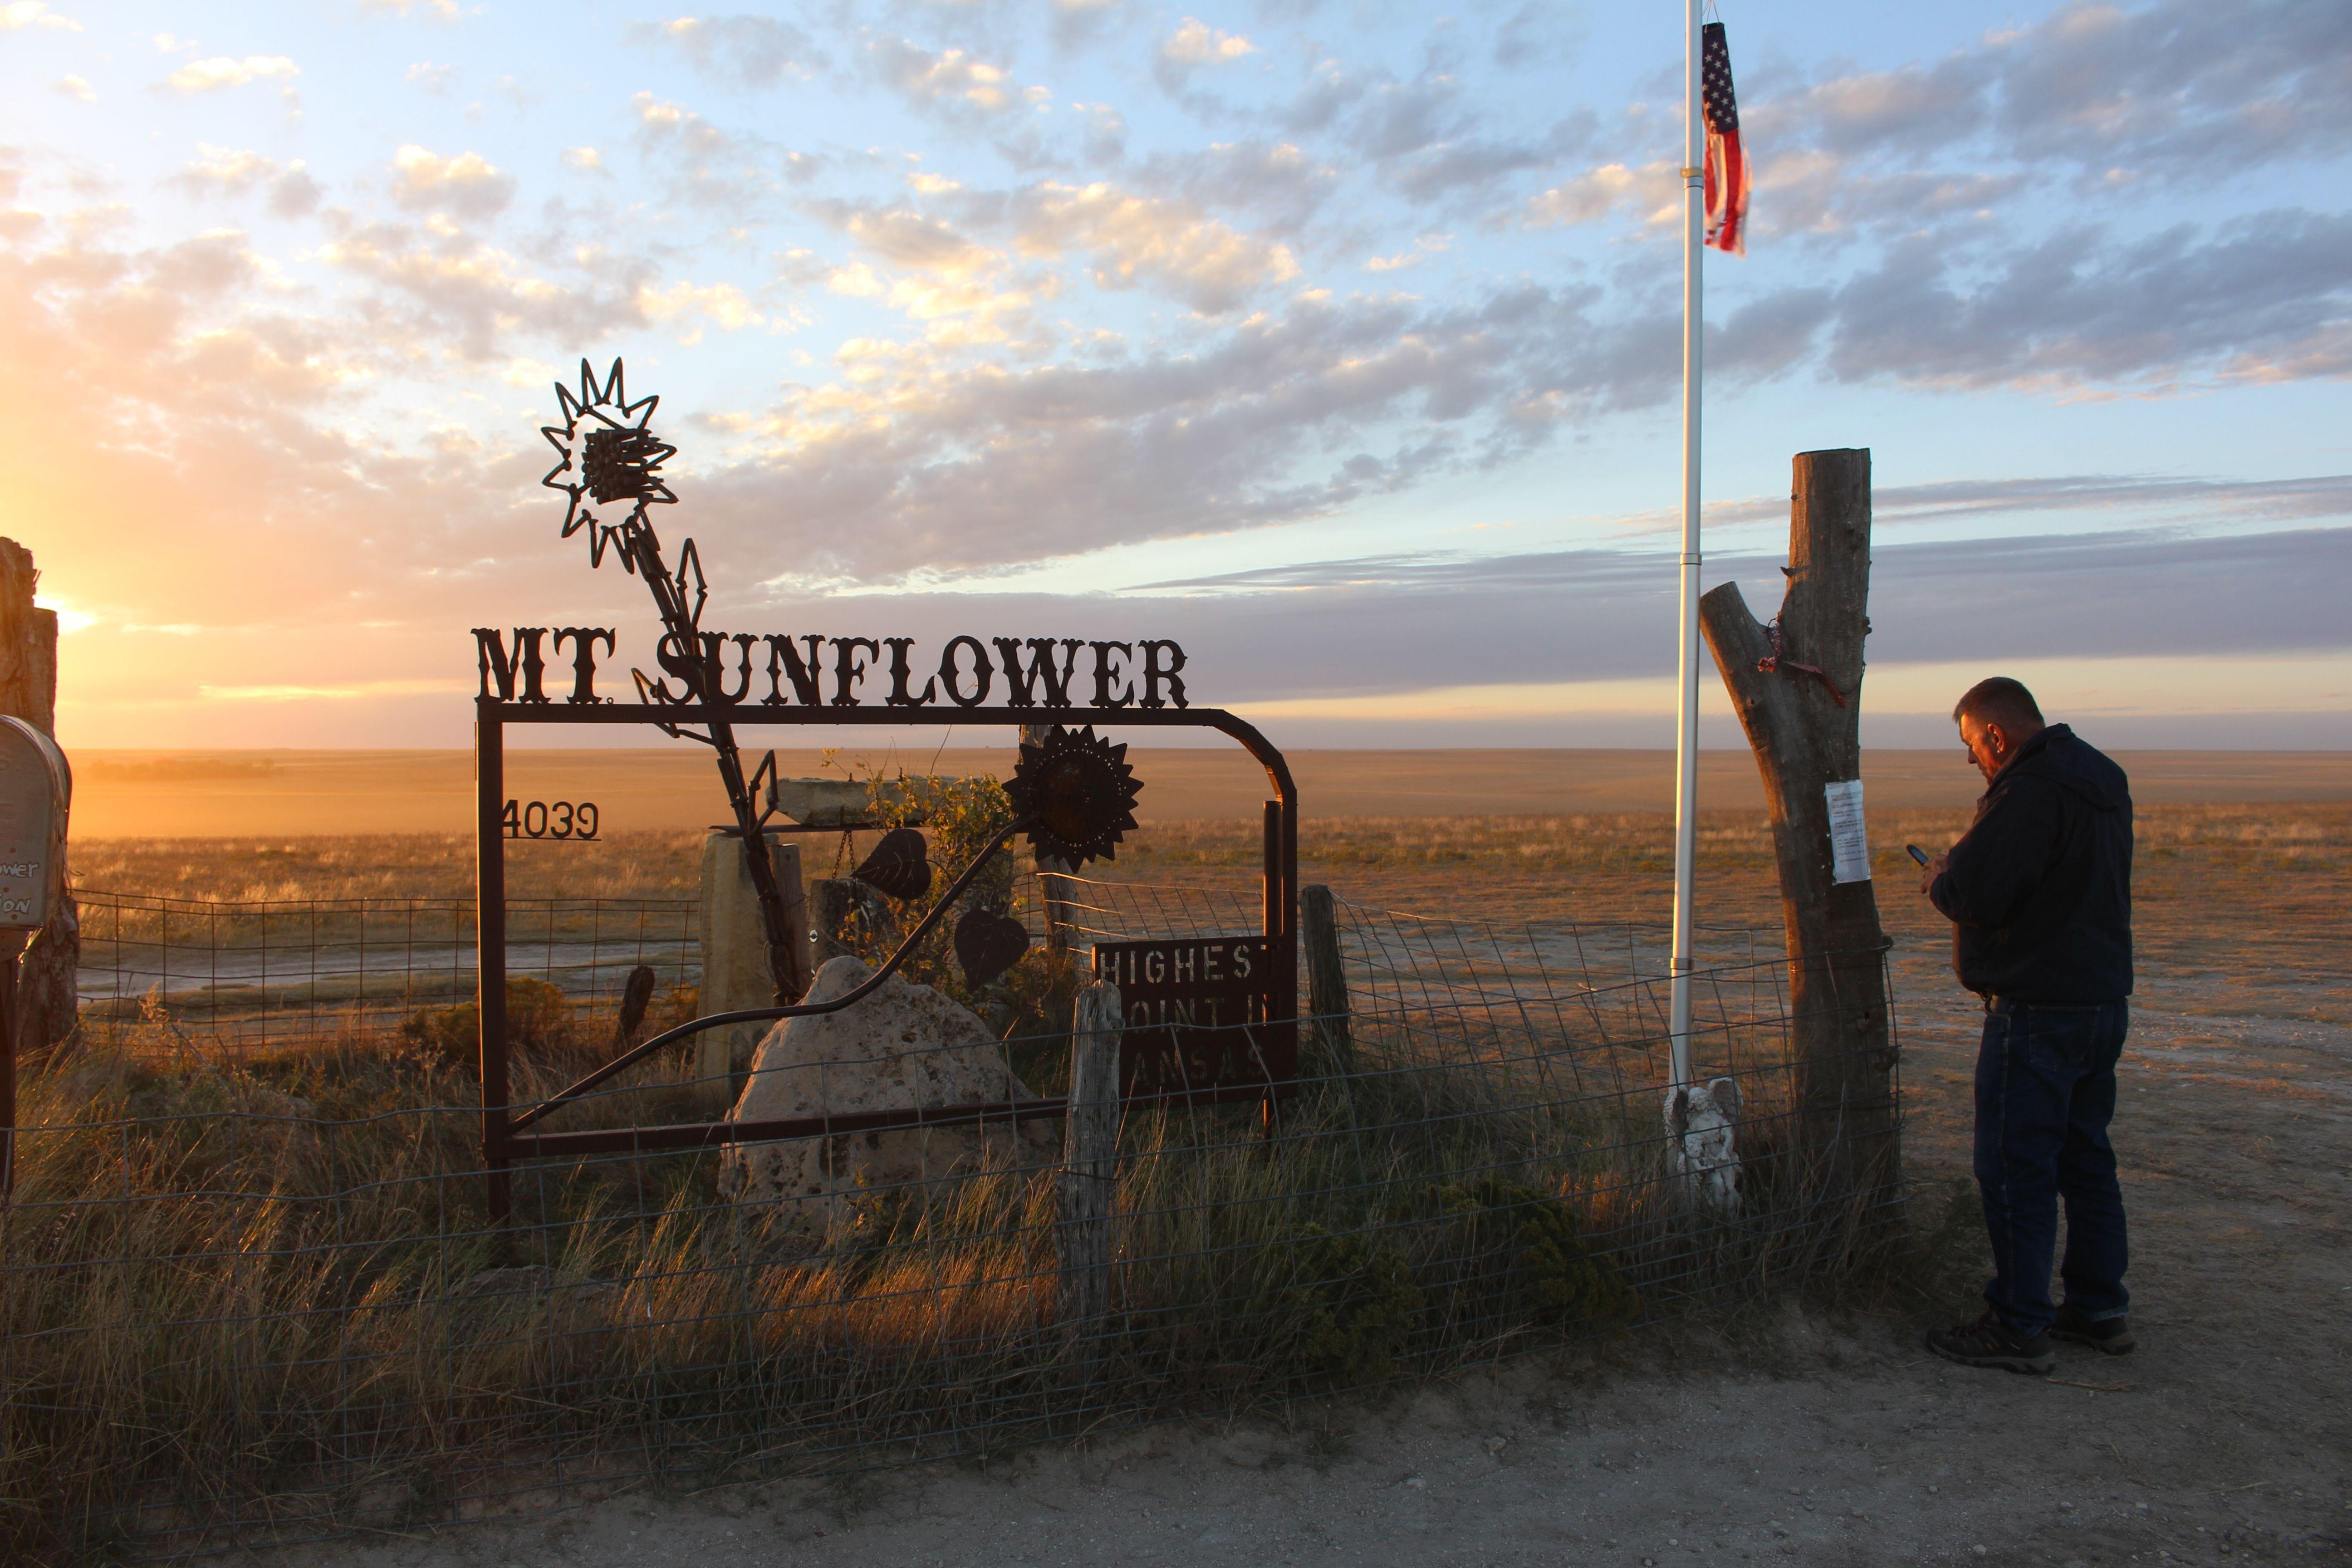 Weskan, KS - Mt. Sunflower: Highest Point in Kansas